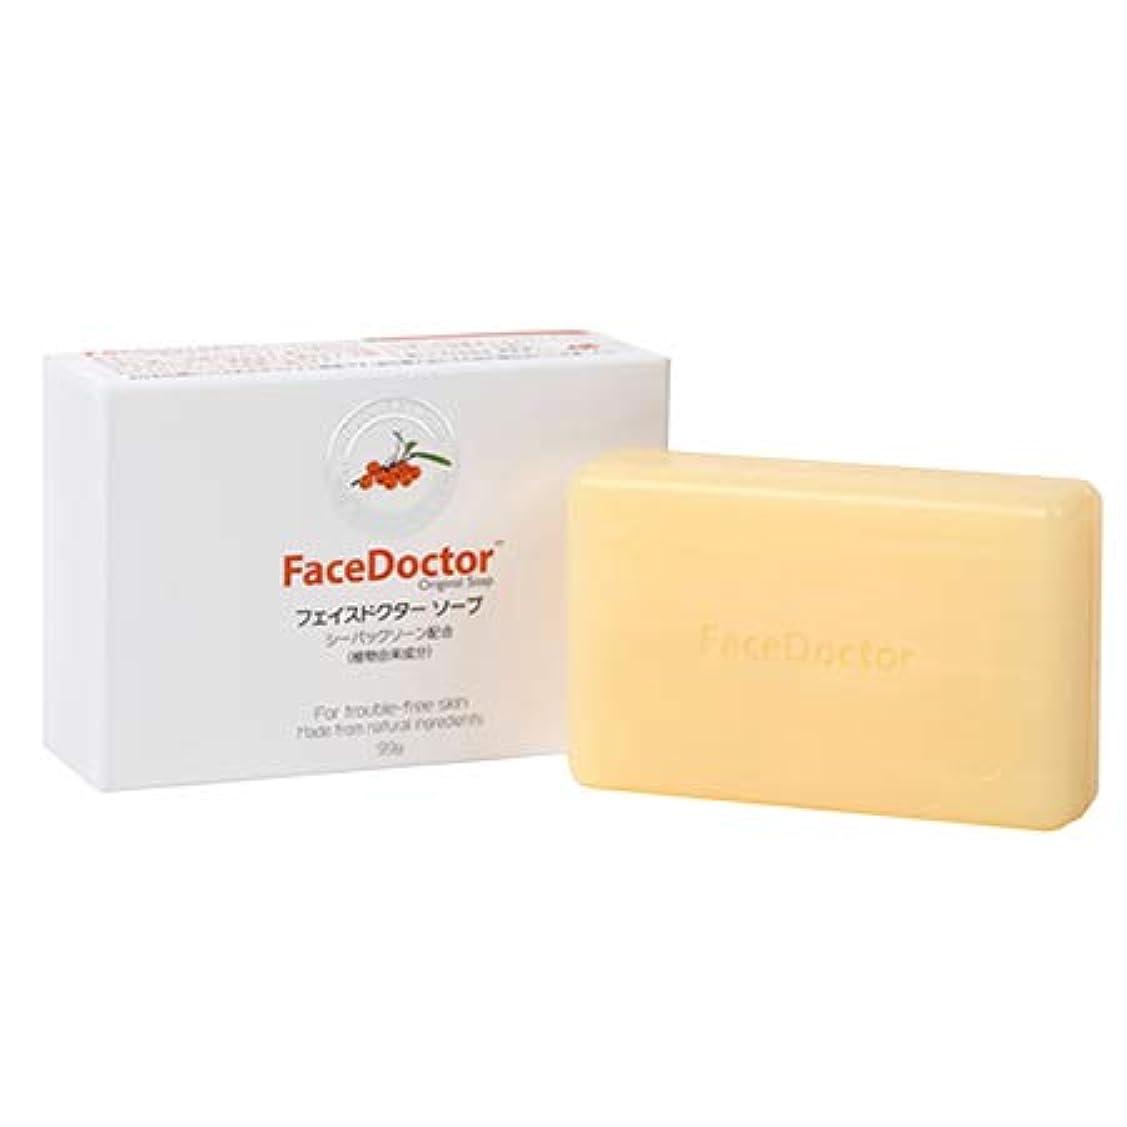 ポスタープラットフォーム世紀顔ダニ石鹸 FaceDoctor フェイスドクター ソープ 国内正規品